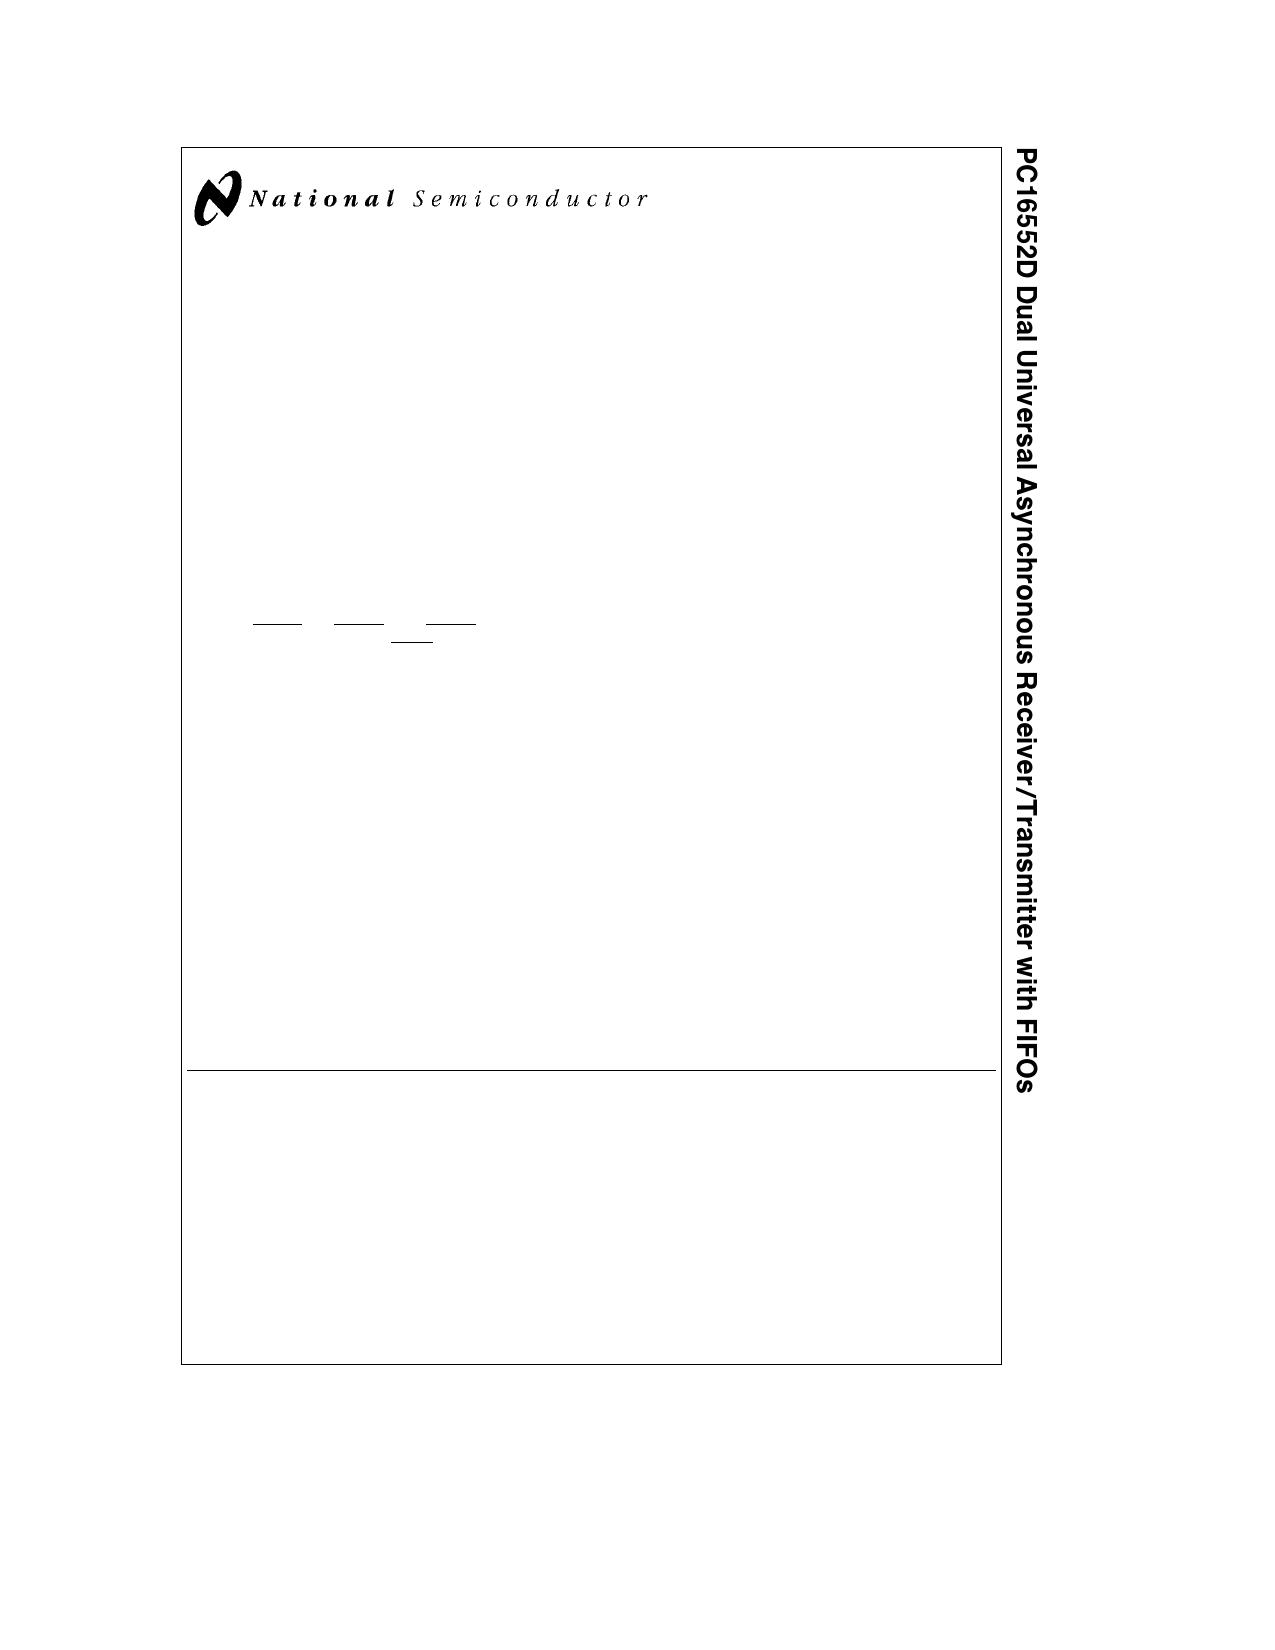 PC16552DV datasheet